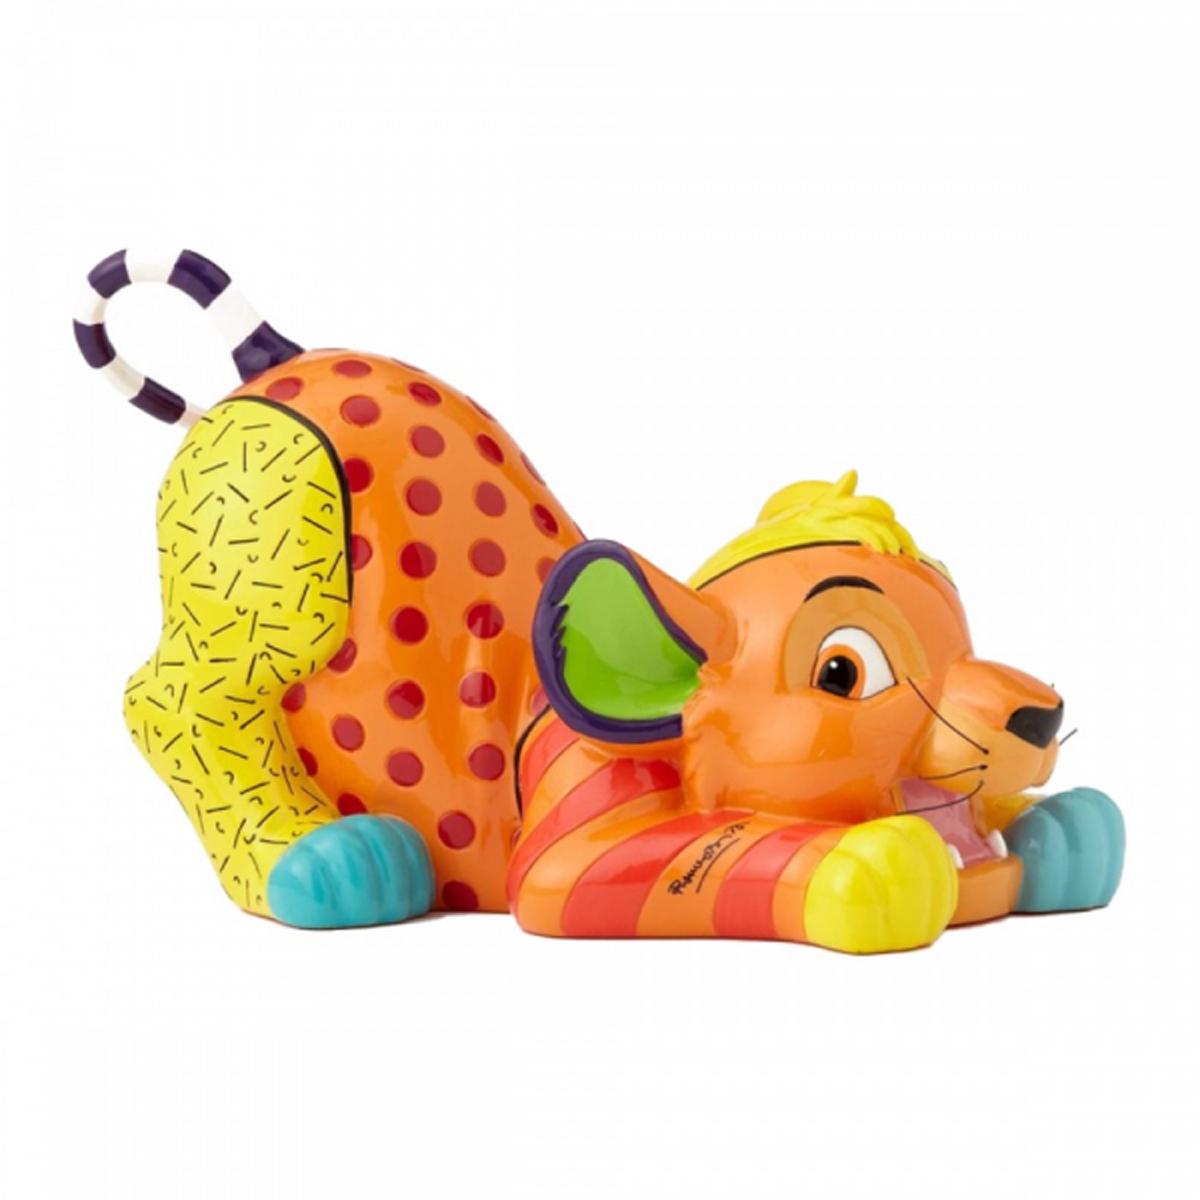 Figurine créateur \'Le Roi Lion\' Simba (Britto) - 19x12x12 cm - [R2029]